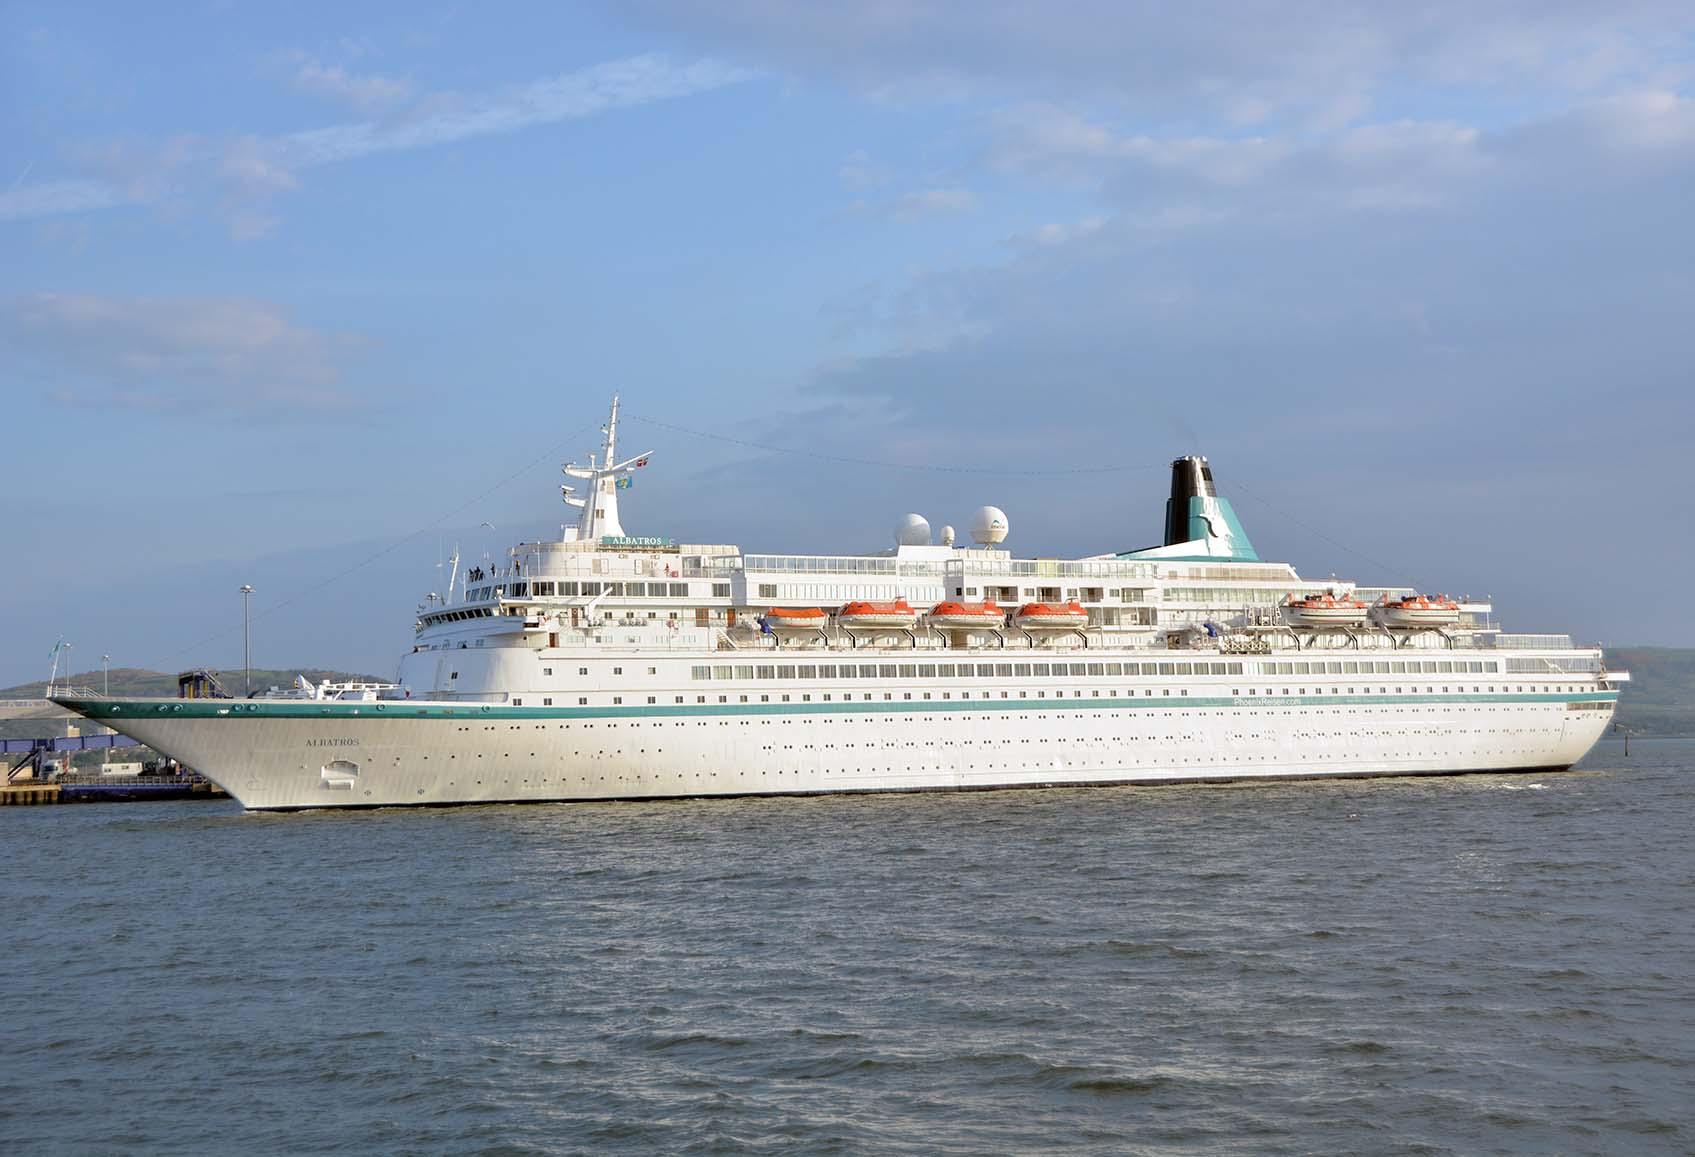 Belfast Shipping Today Yesterday Magazine - Royal odyssey cruise ship